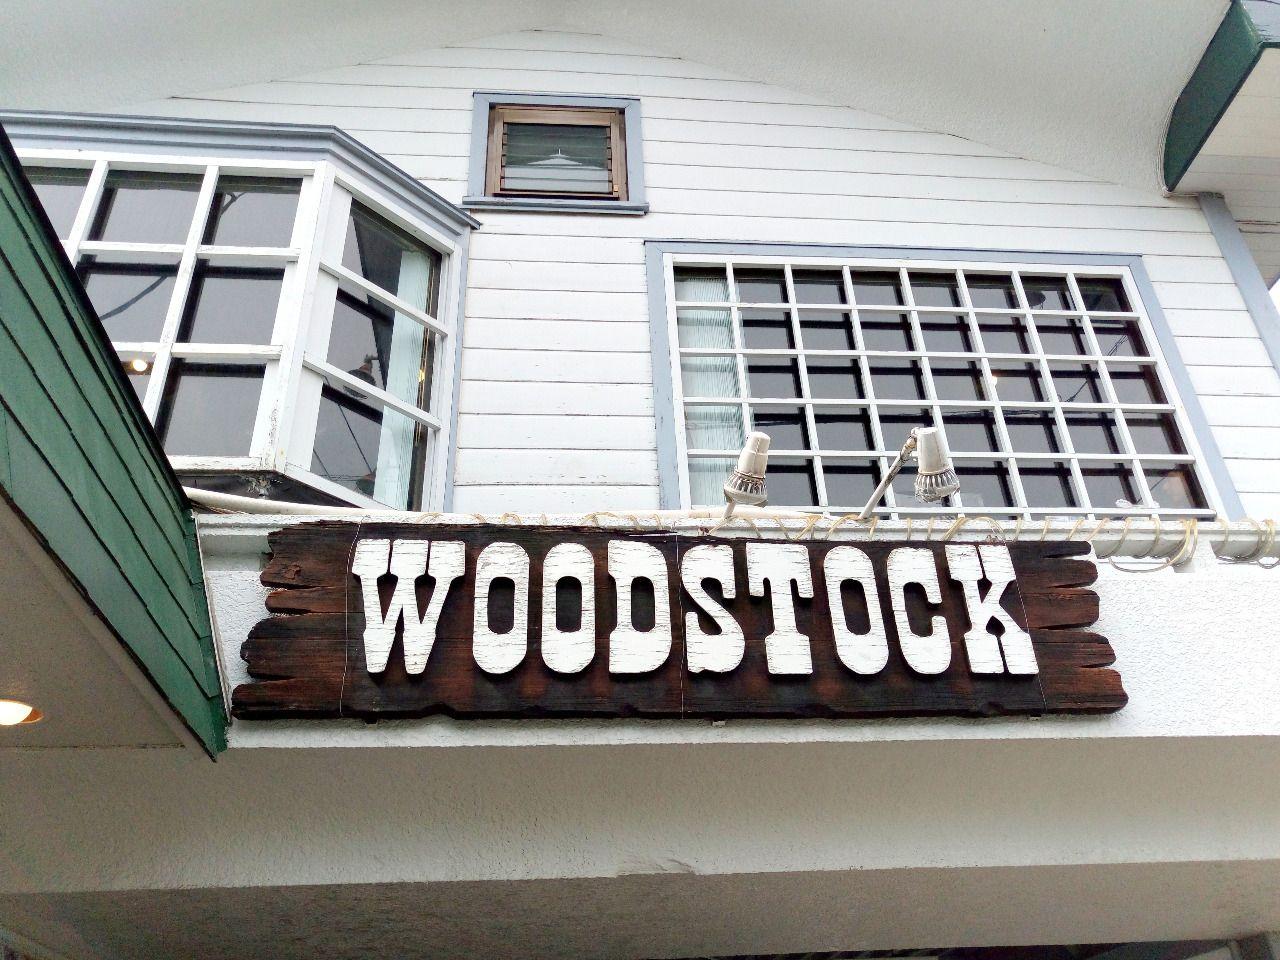 ハンバーグとステーキのウッドストック